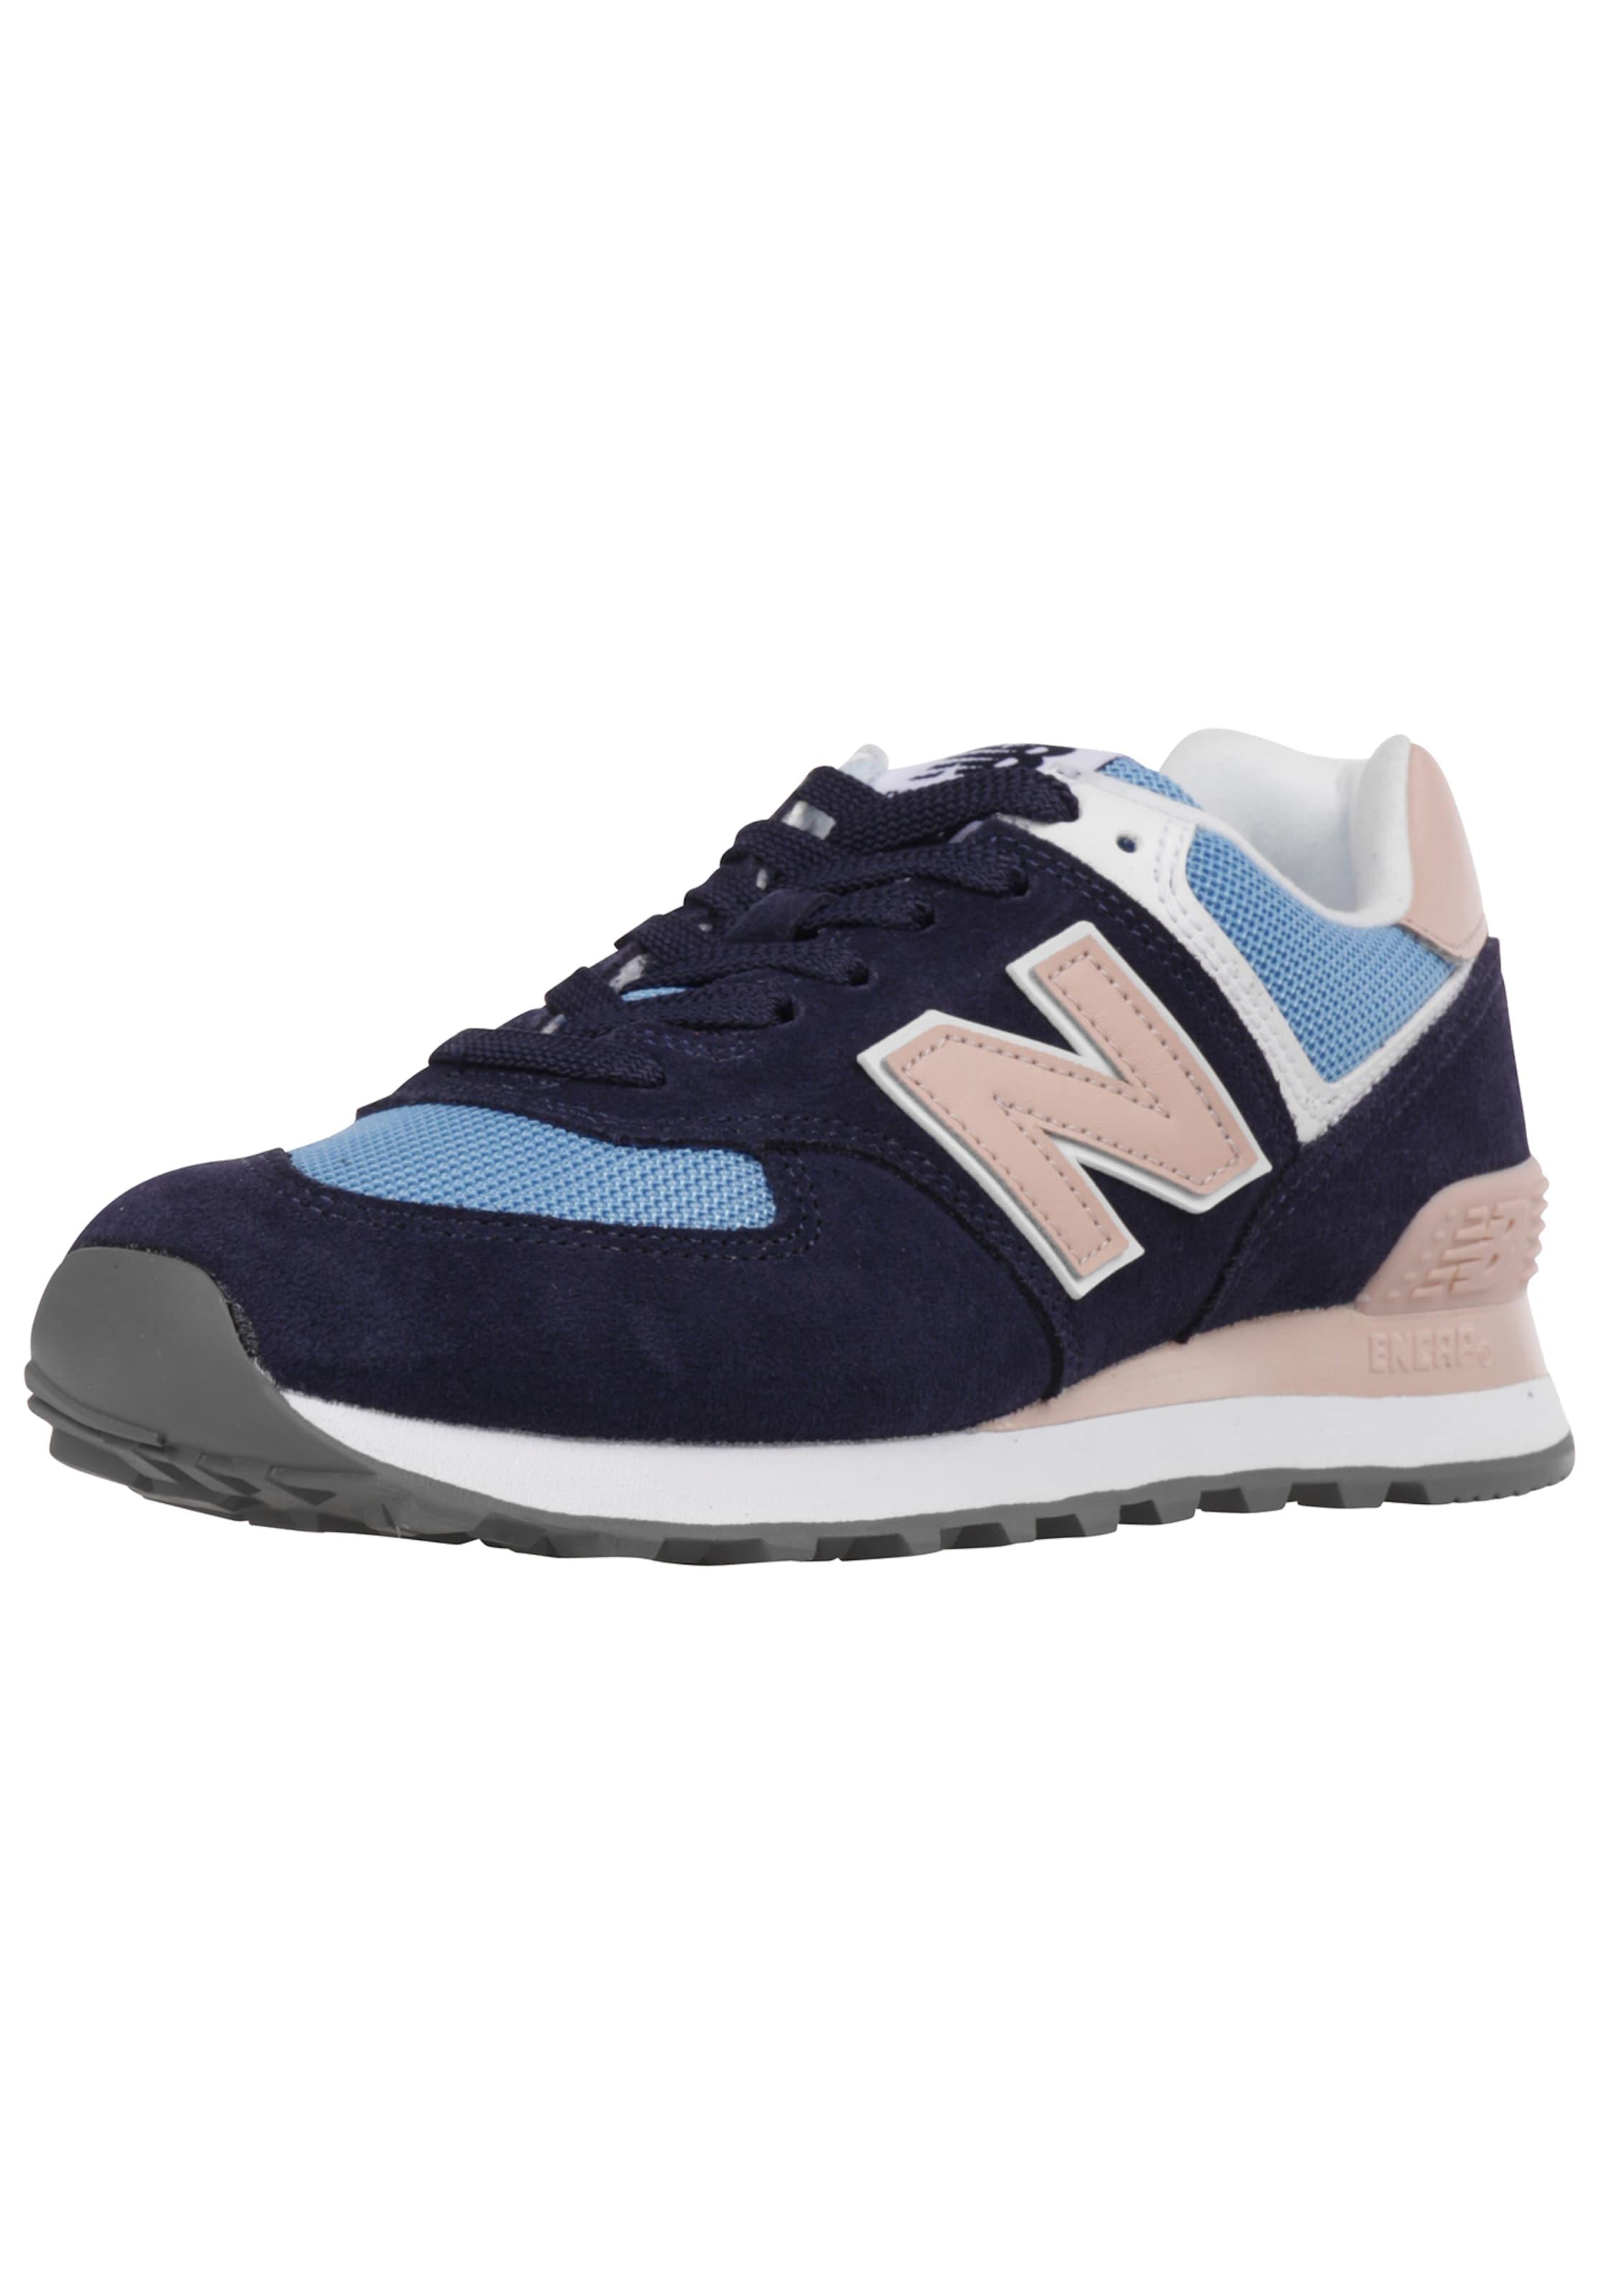 NavyHellblau Wl574 Balance Sneaker Rosa New In gv6Yfb7y